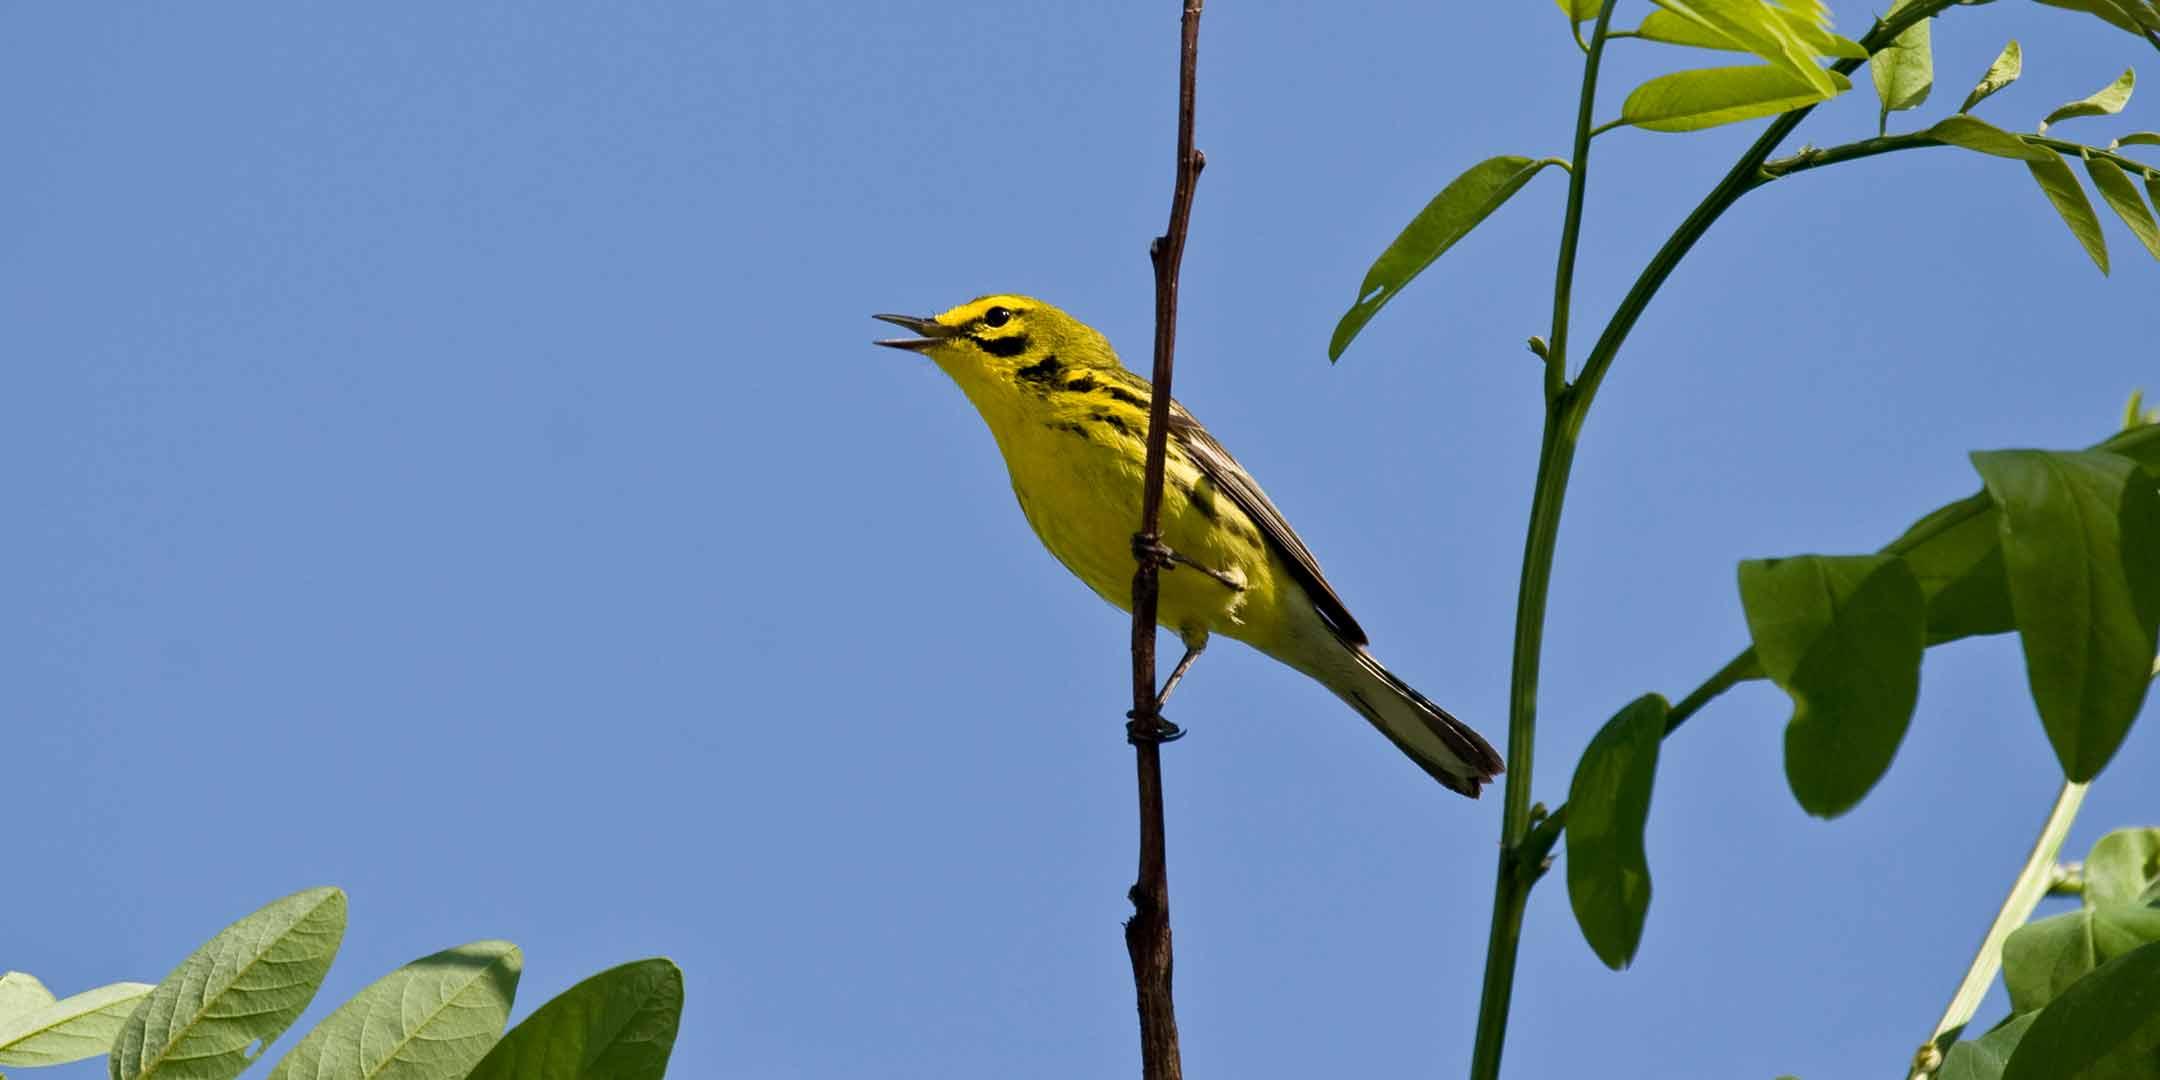 YellowWarblor-Image-Rectangle-2160x1080